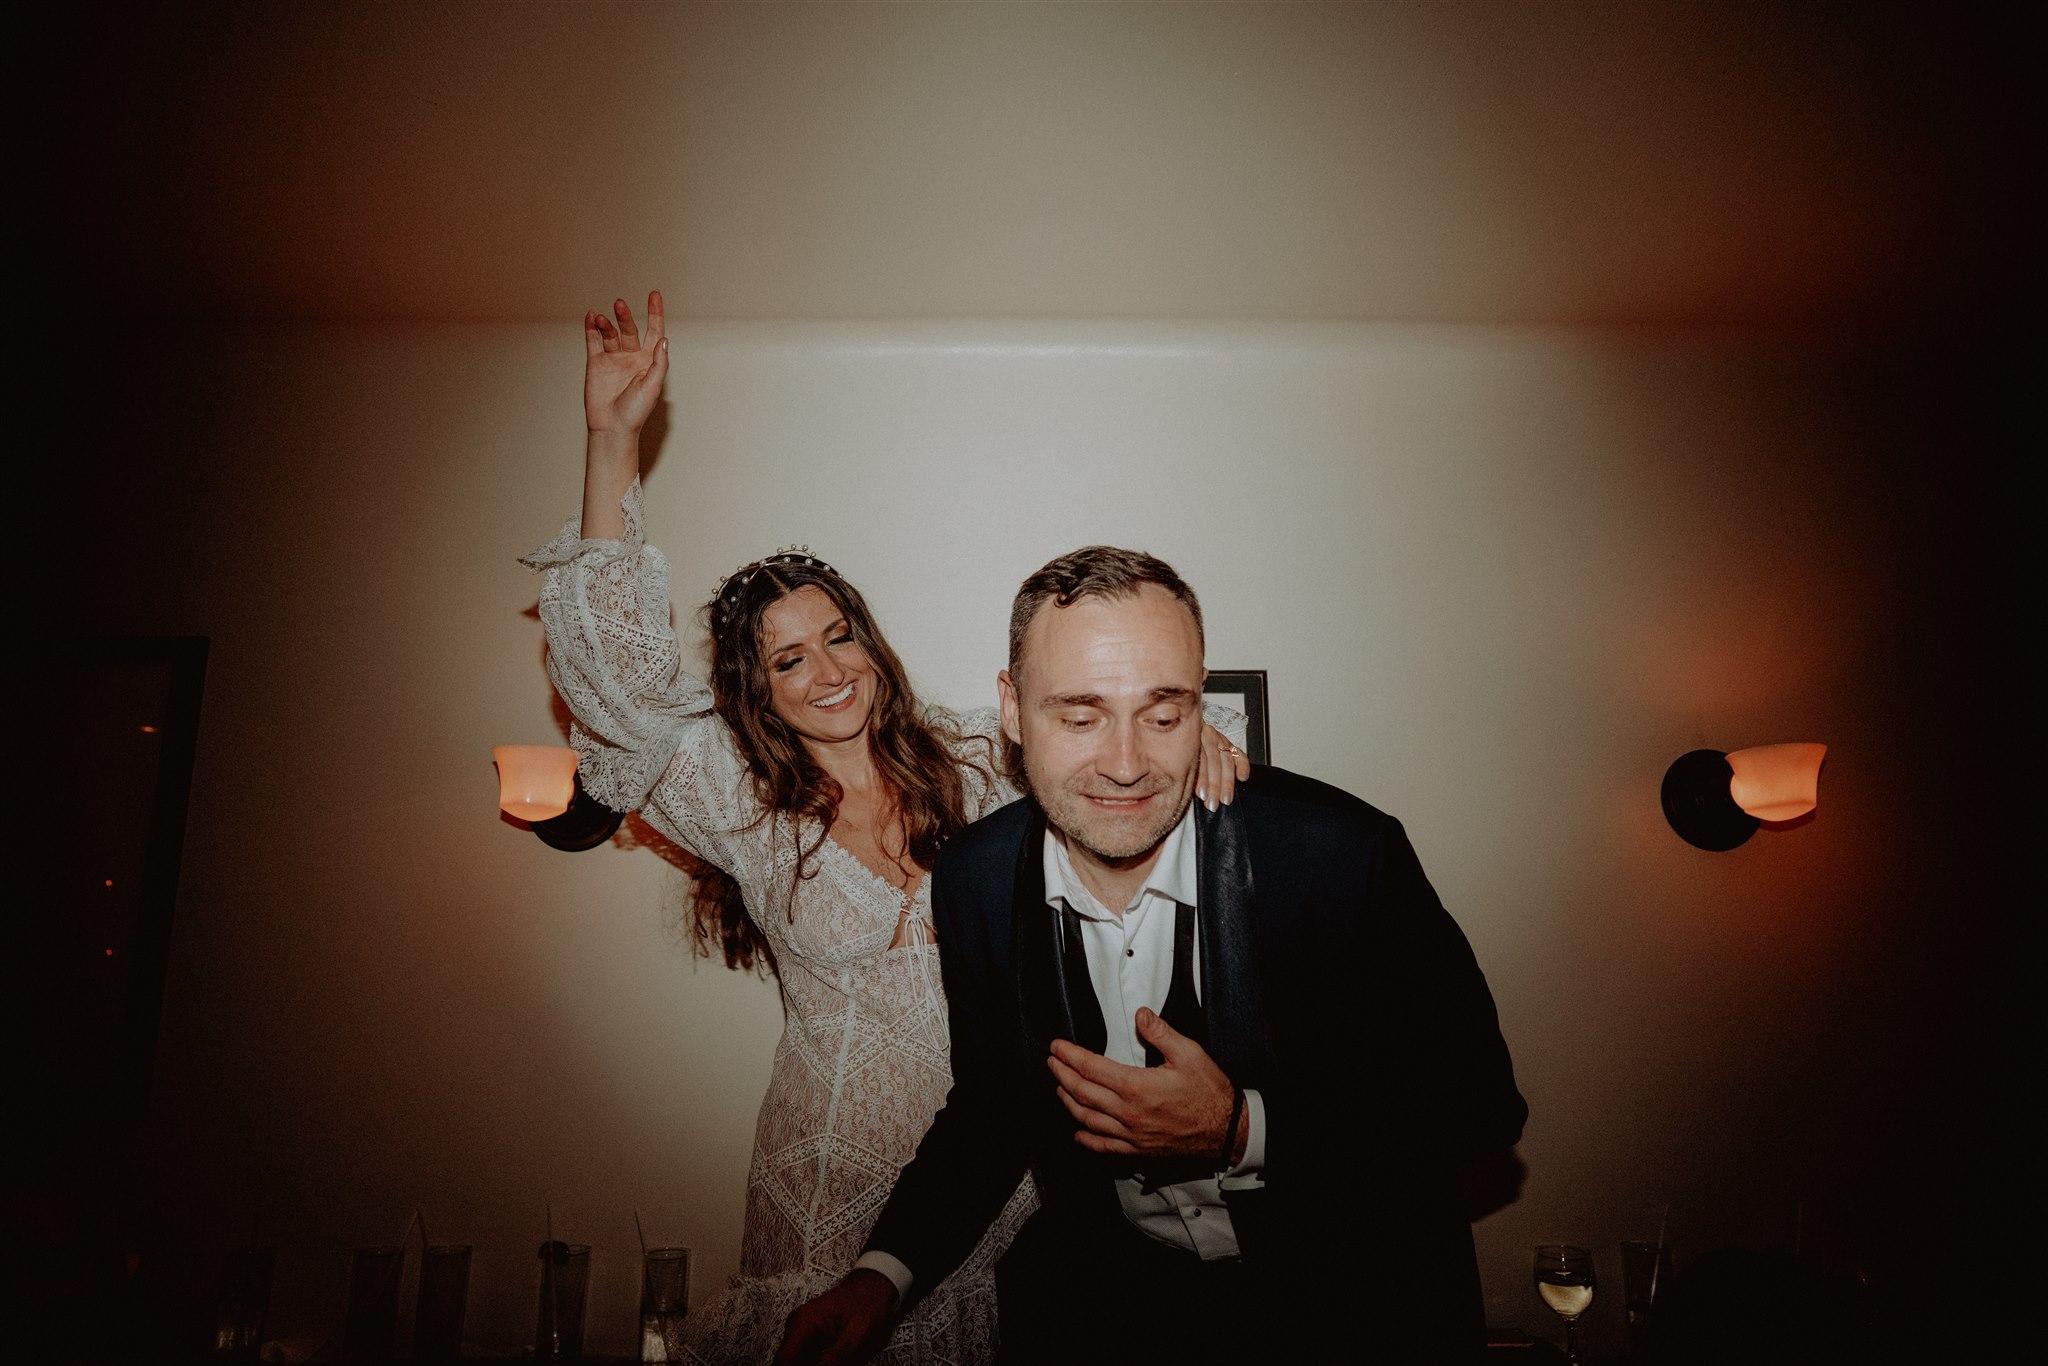 Chellise_Michael_Photography_Ramona_Brooklyn_Wedding_Photographer-946.jpg